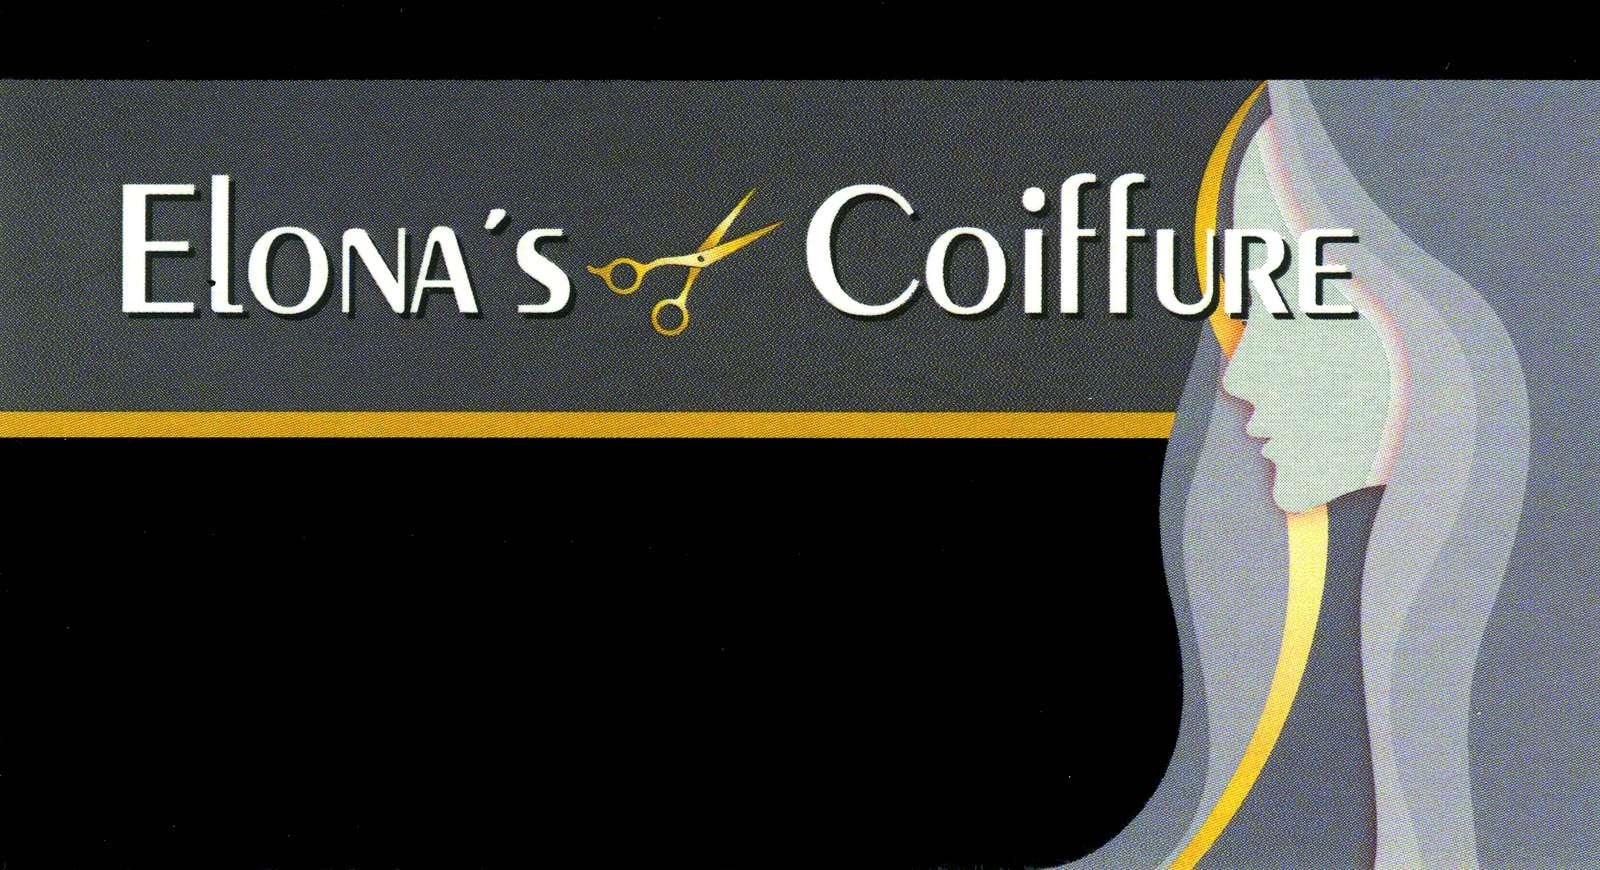 ELONA'S Coiffure